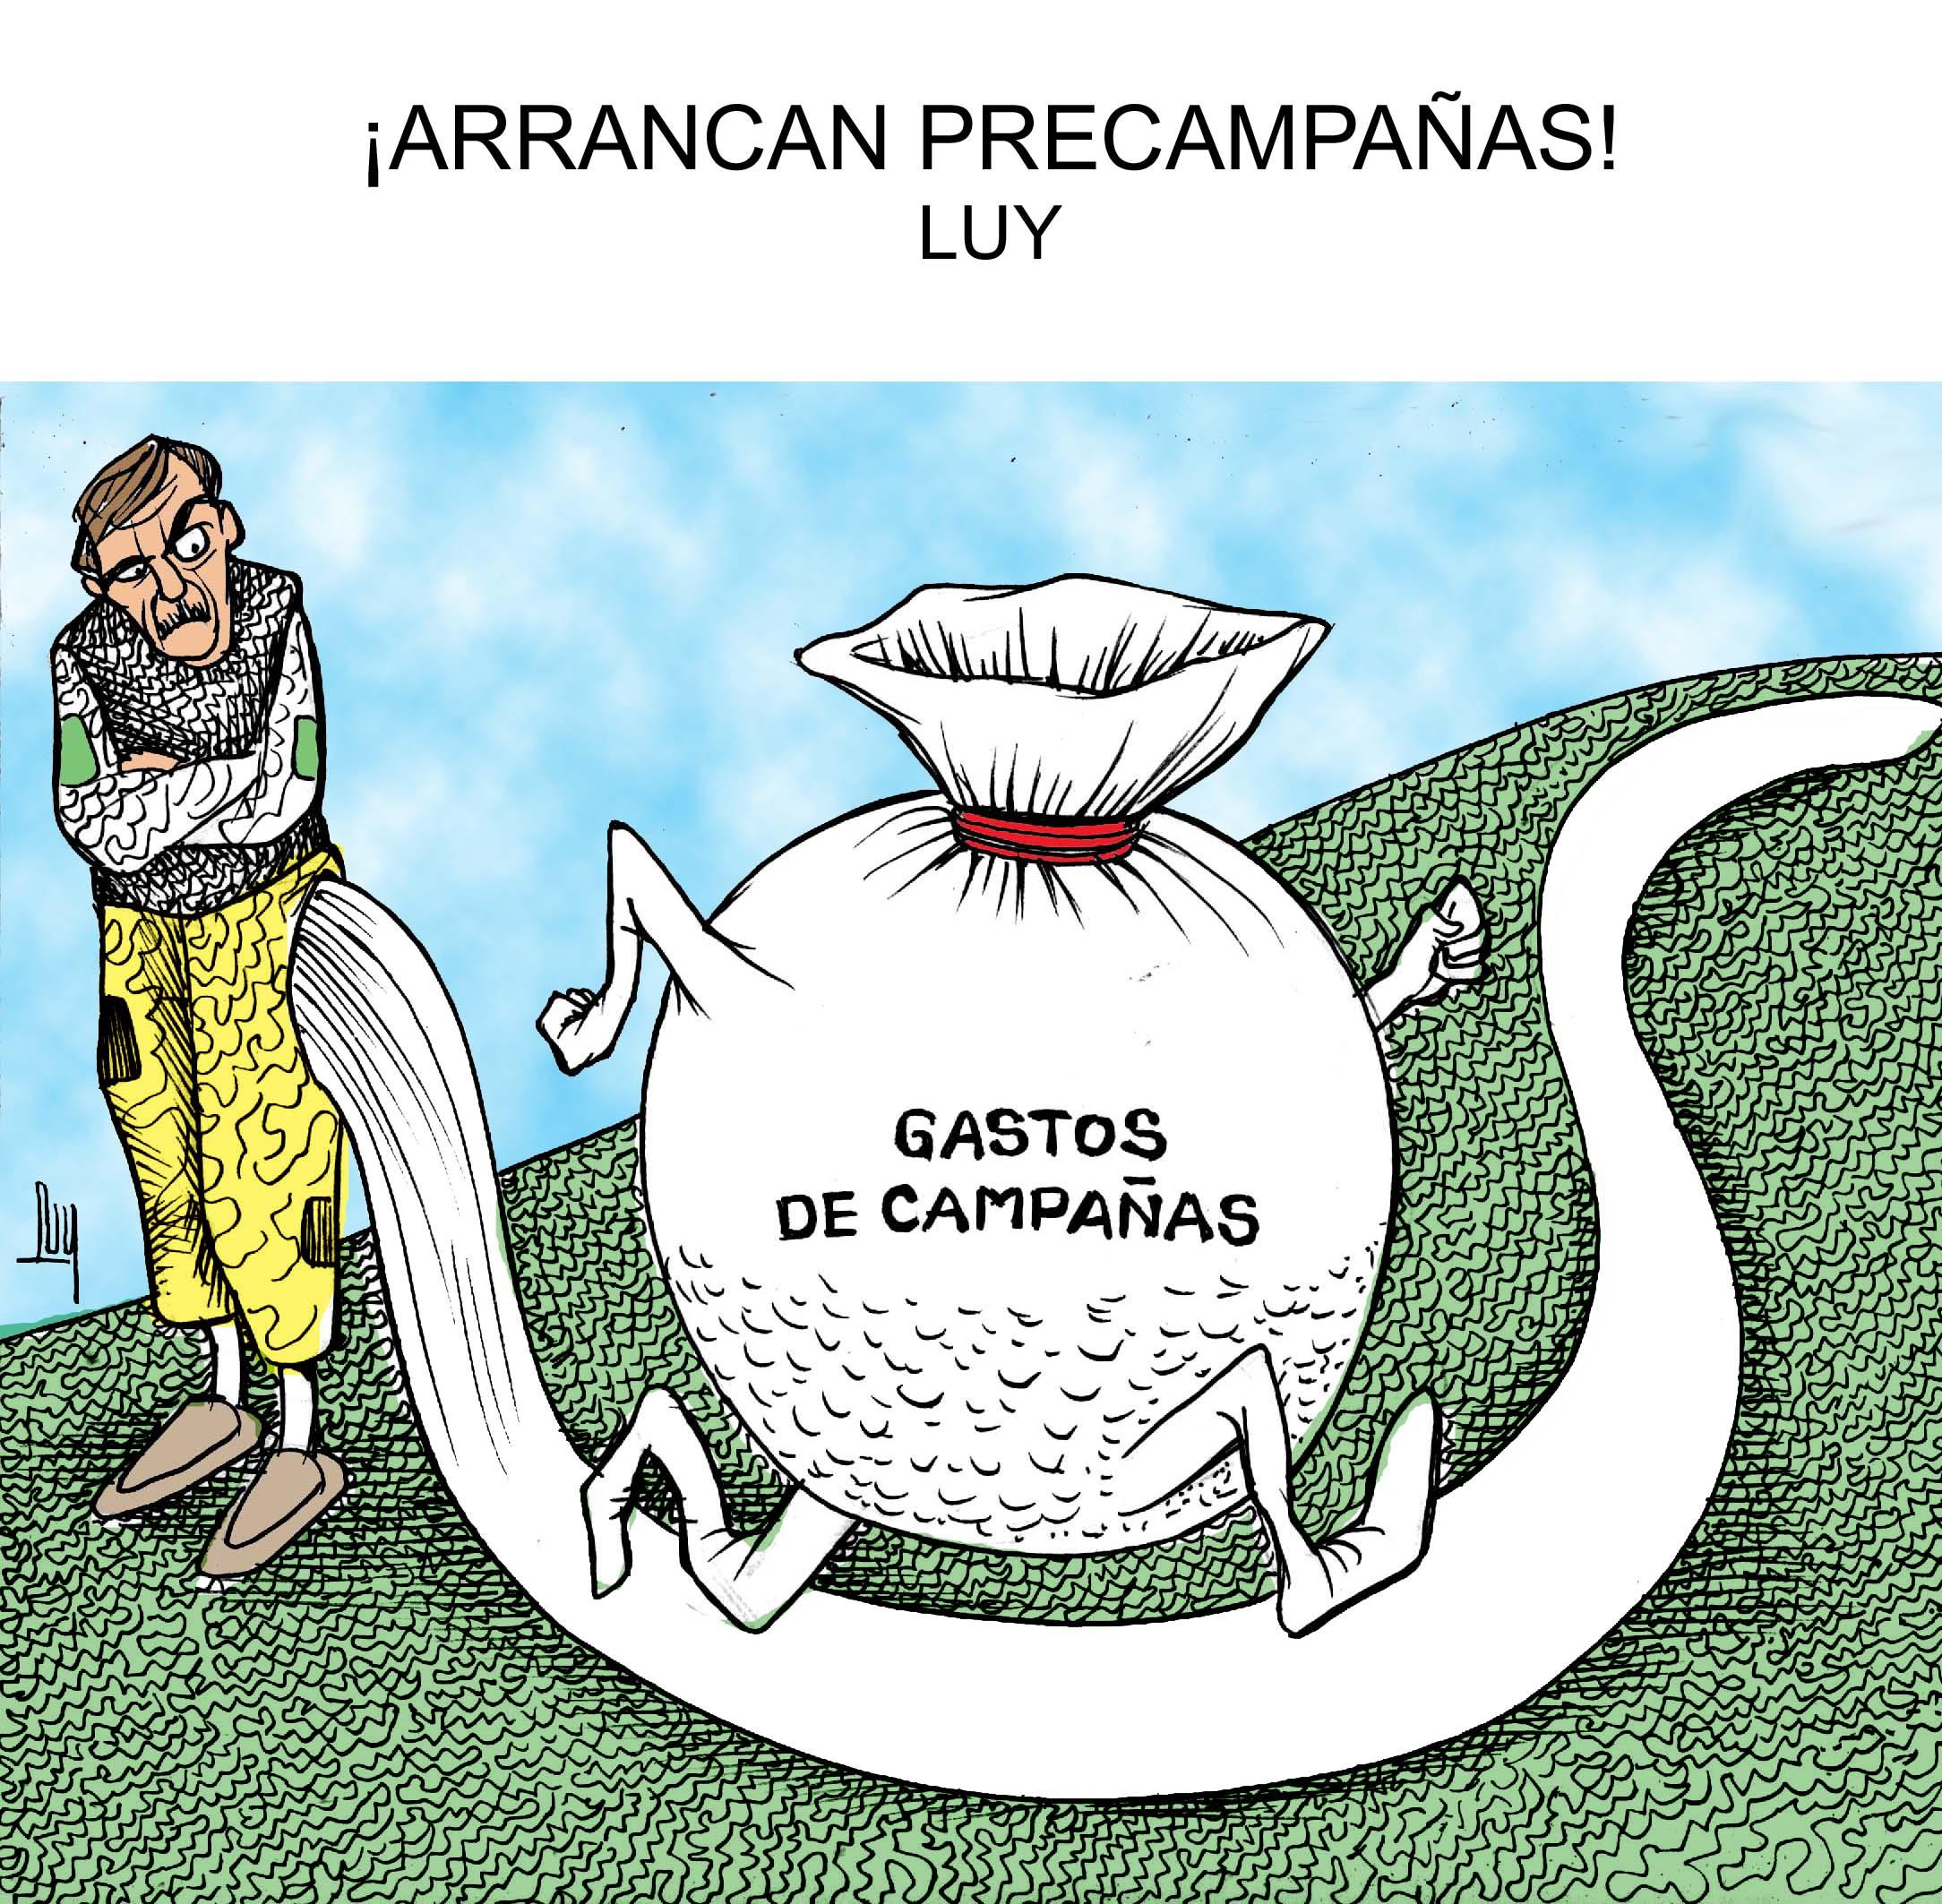 arrancan-precampanas